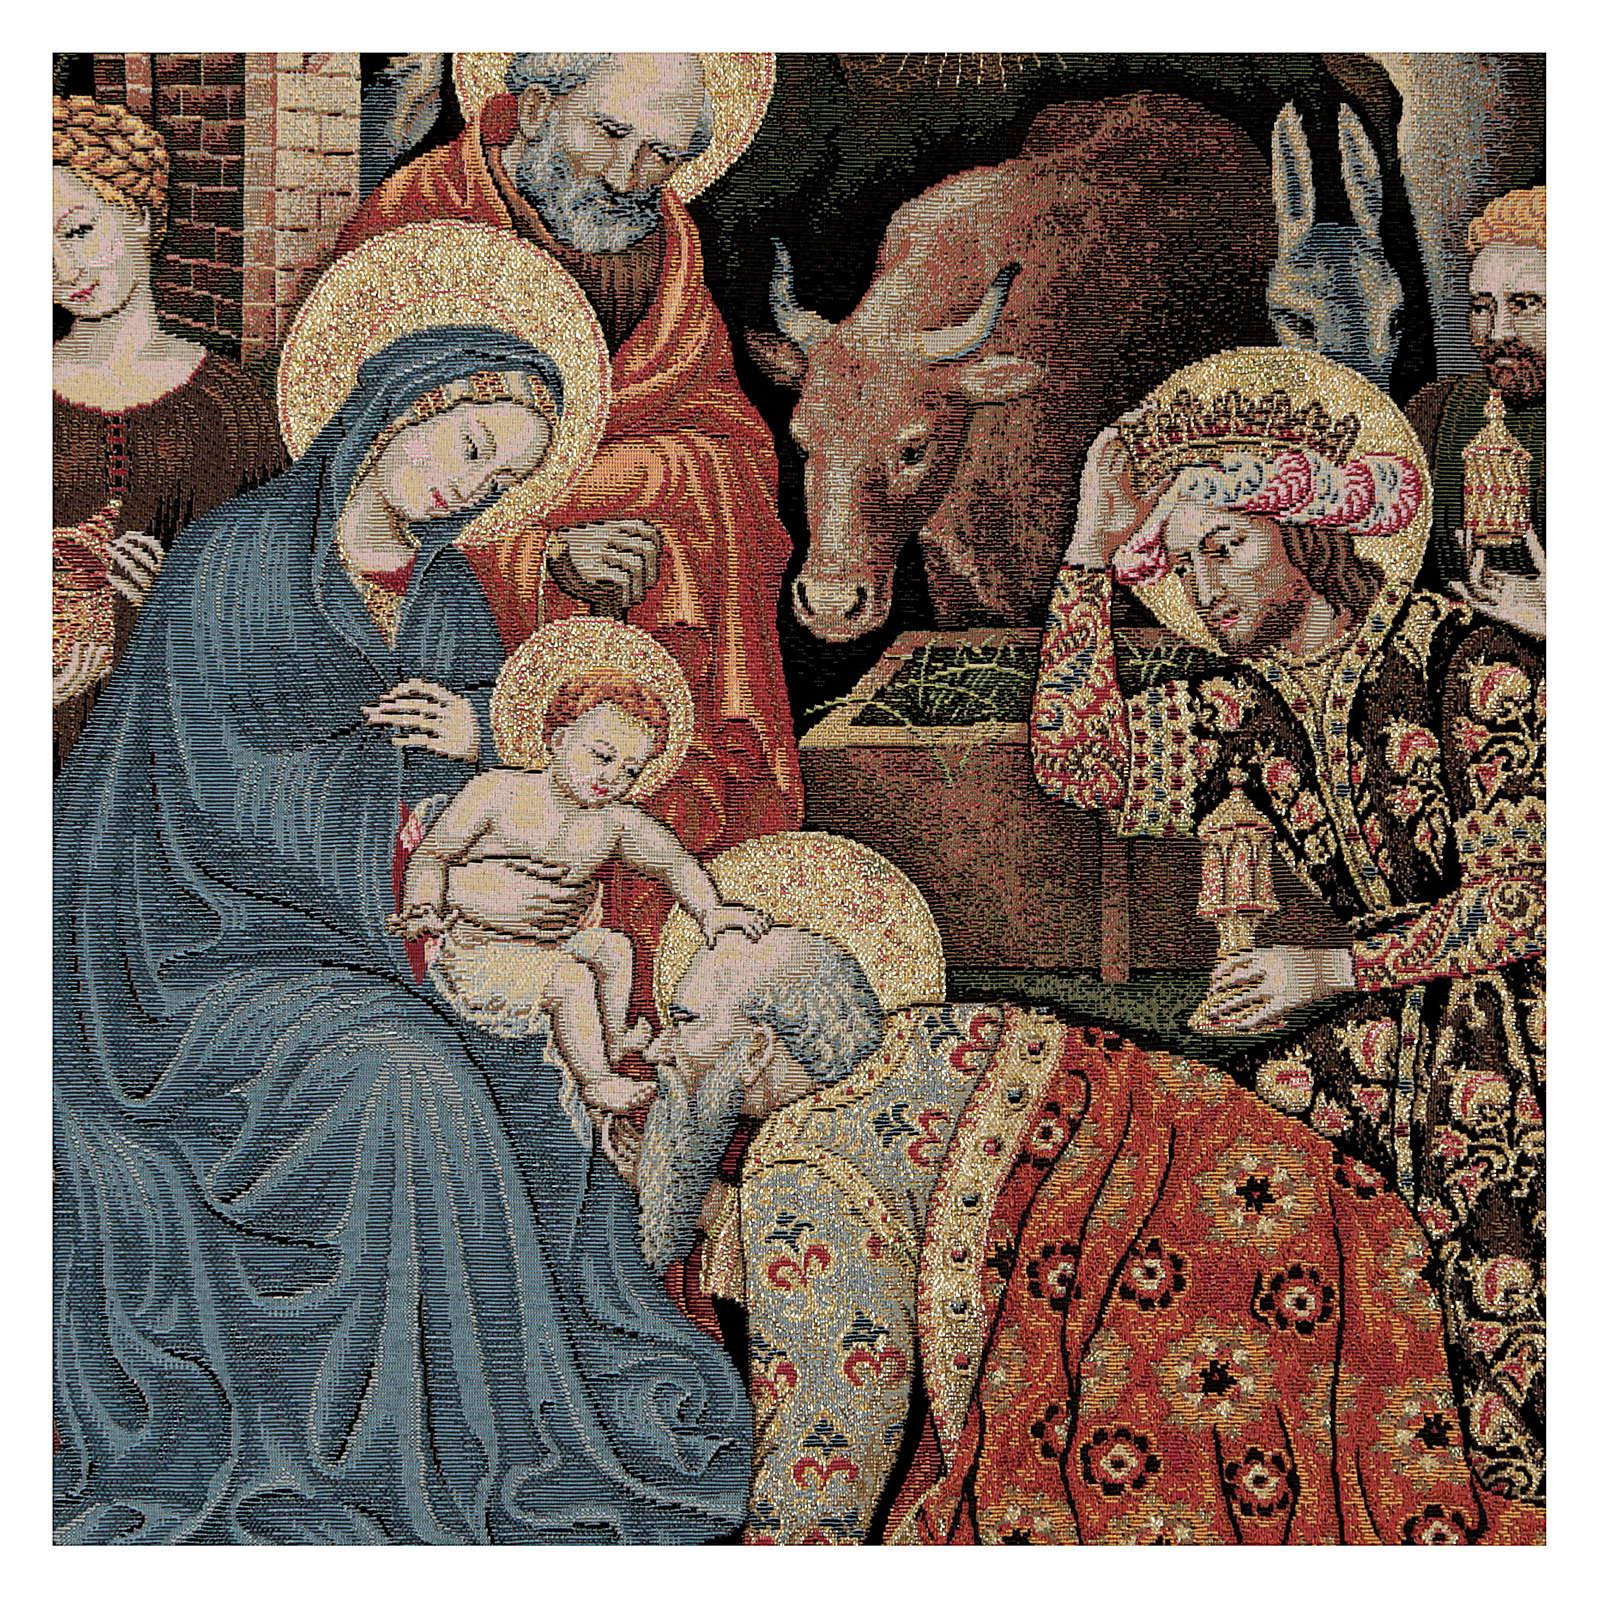 Arazzo Adorazione dei Magi di Gentile da Fabriano 60x80 cm 3